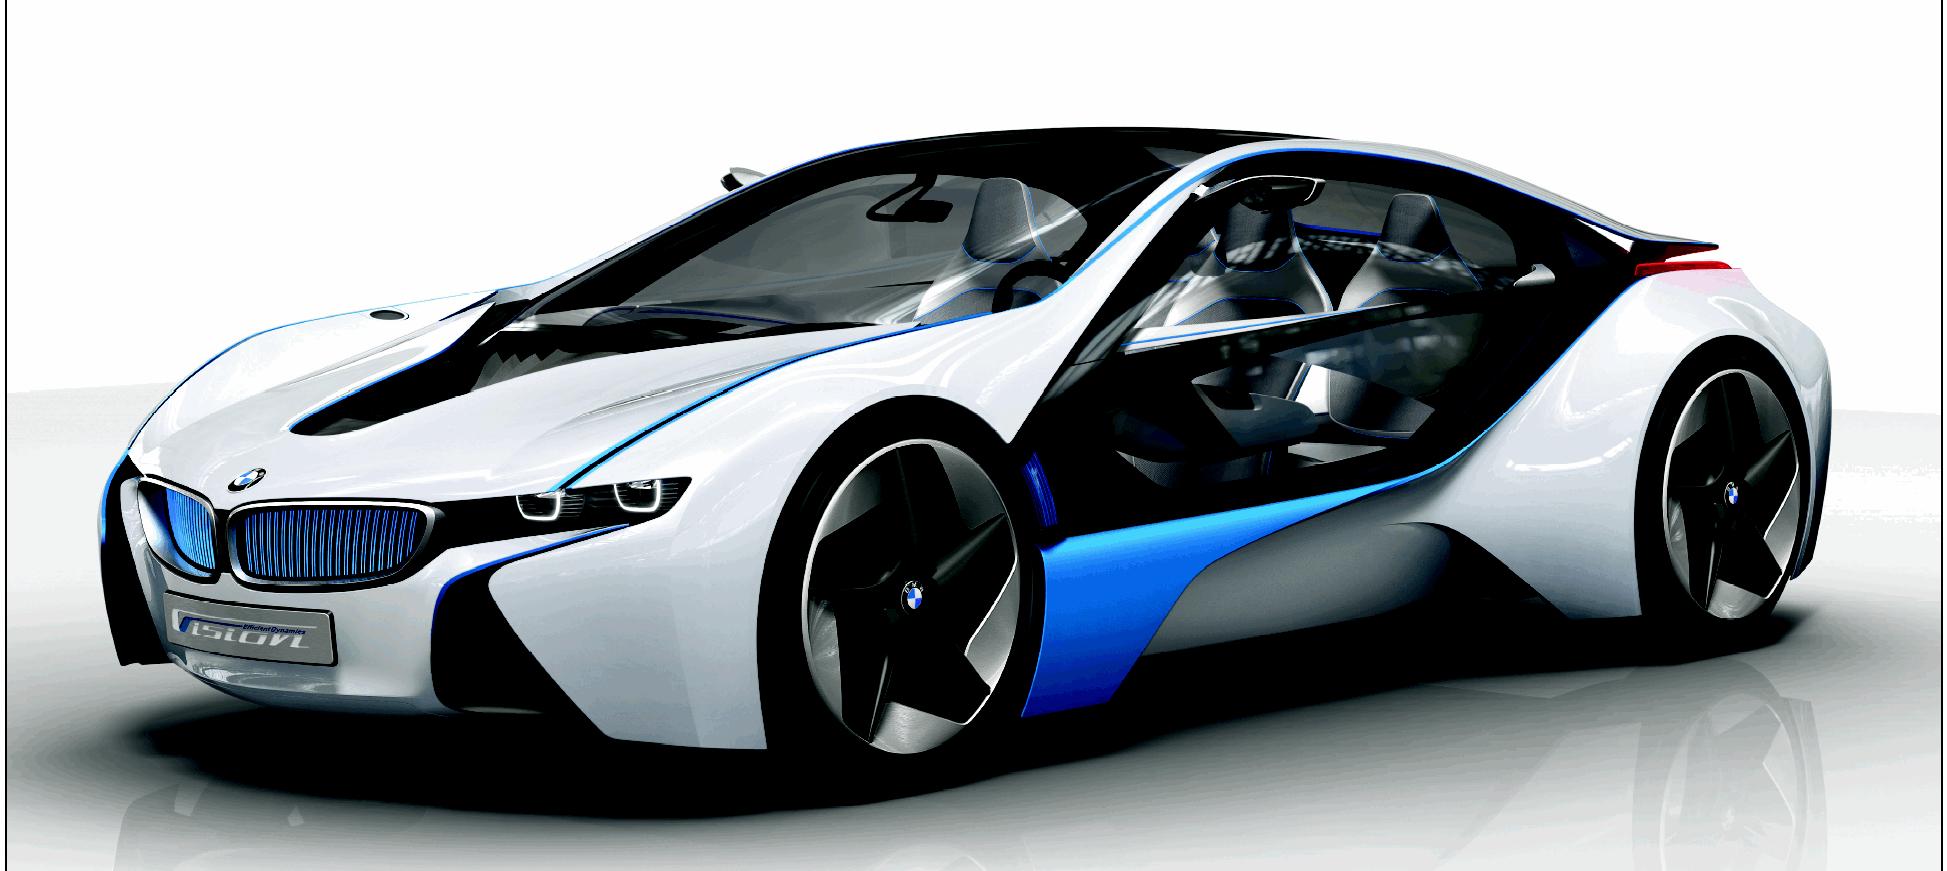 Concept Cars Wallpaper WallpaperSafari